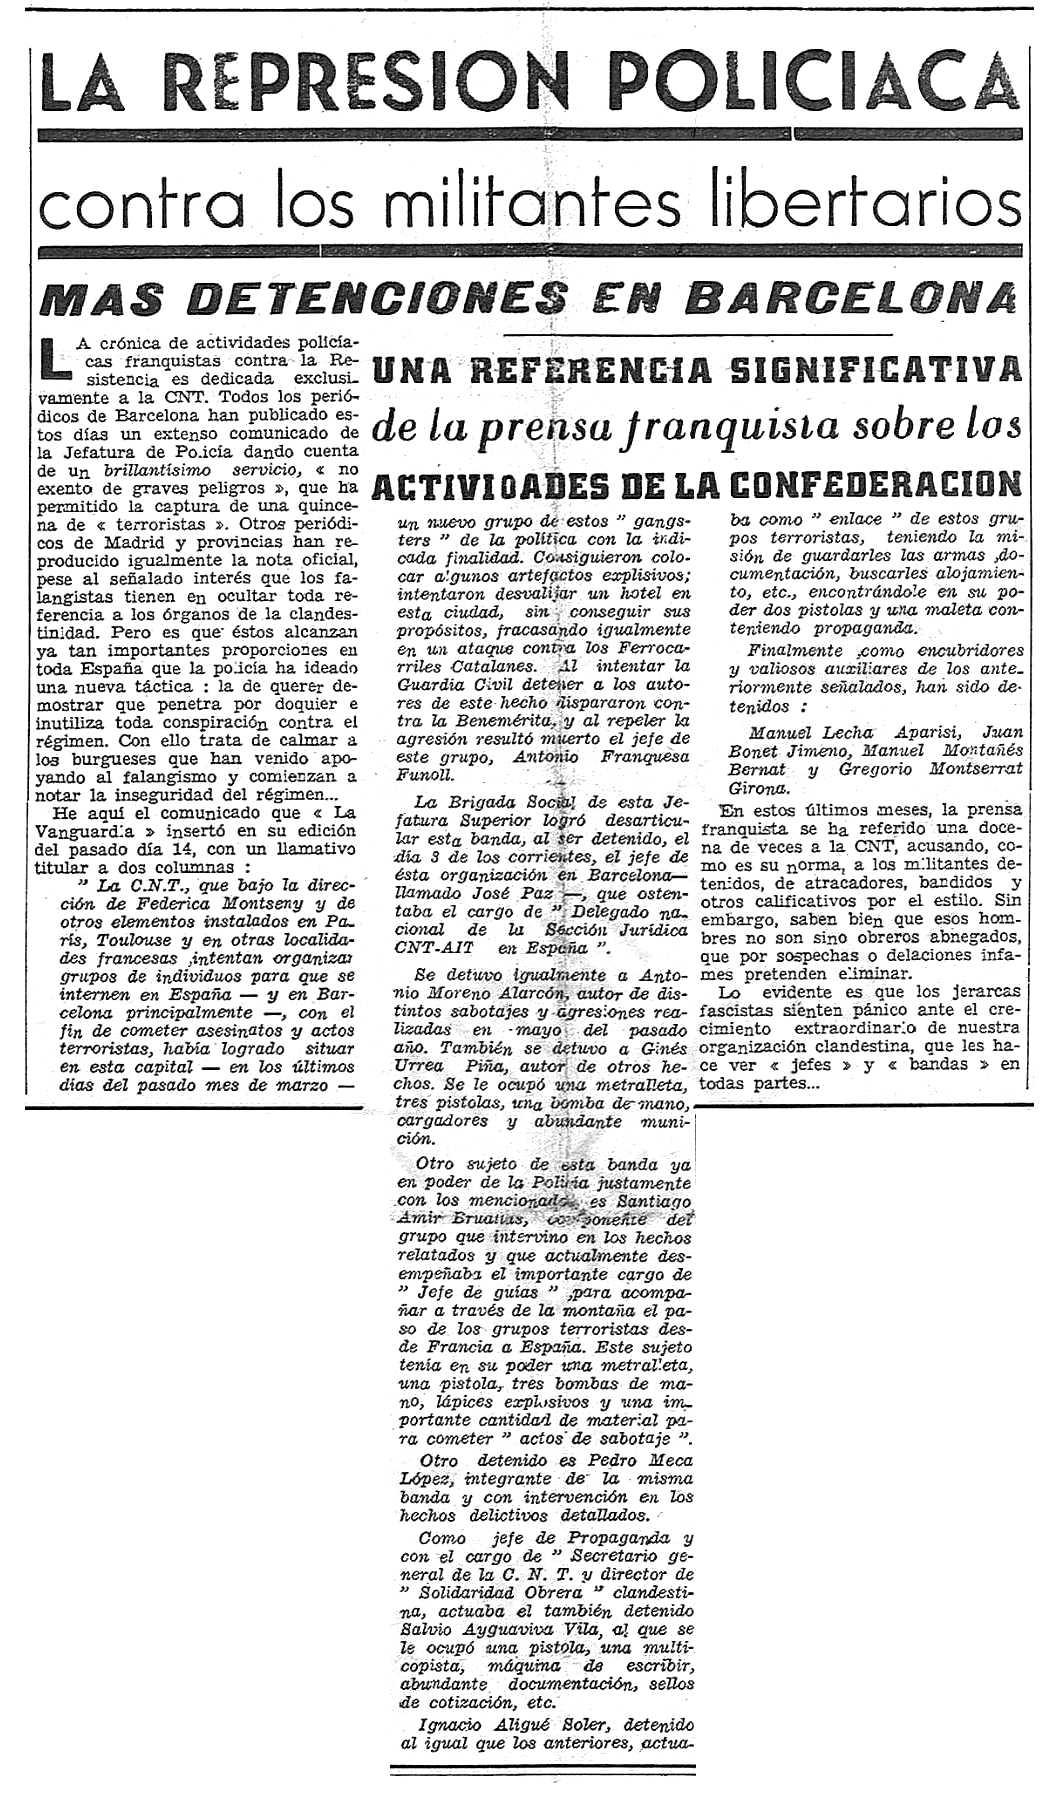 """Notícia de la detenció de Pedro Meca López i d'altres companys apareguda en el periòdic parisenc """"Solidaridad Obrera"""" del 3 de juny de 1950"""